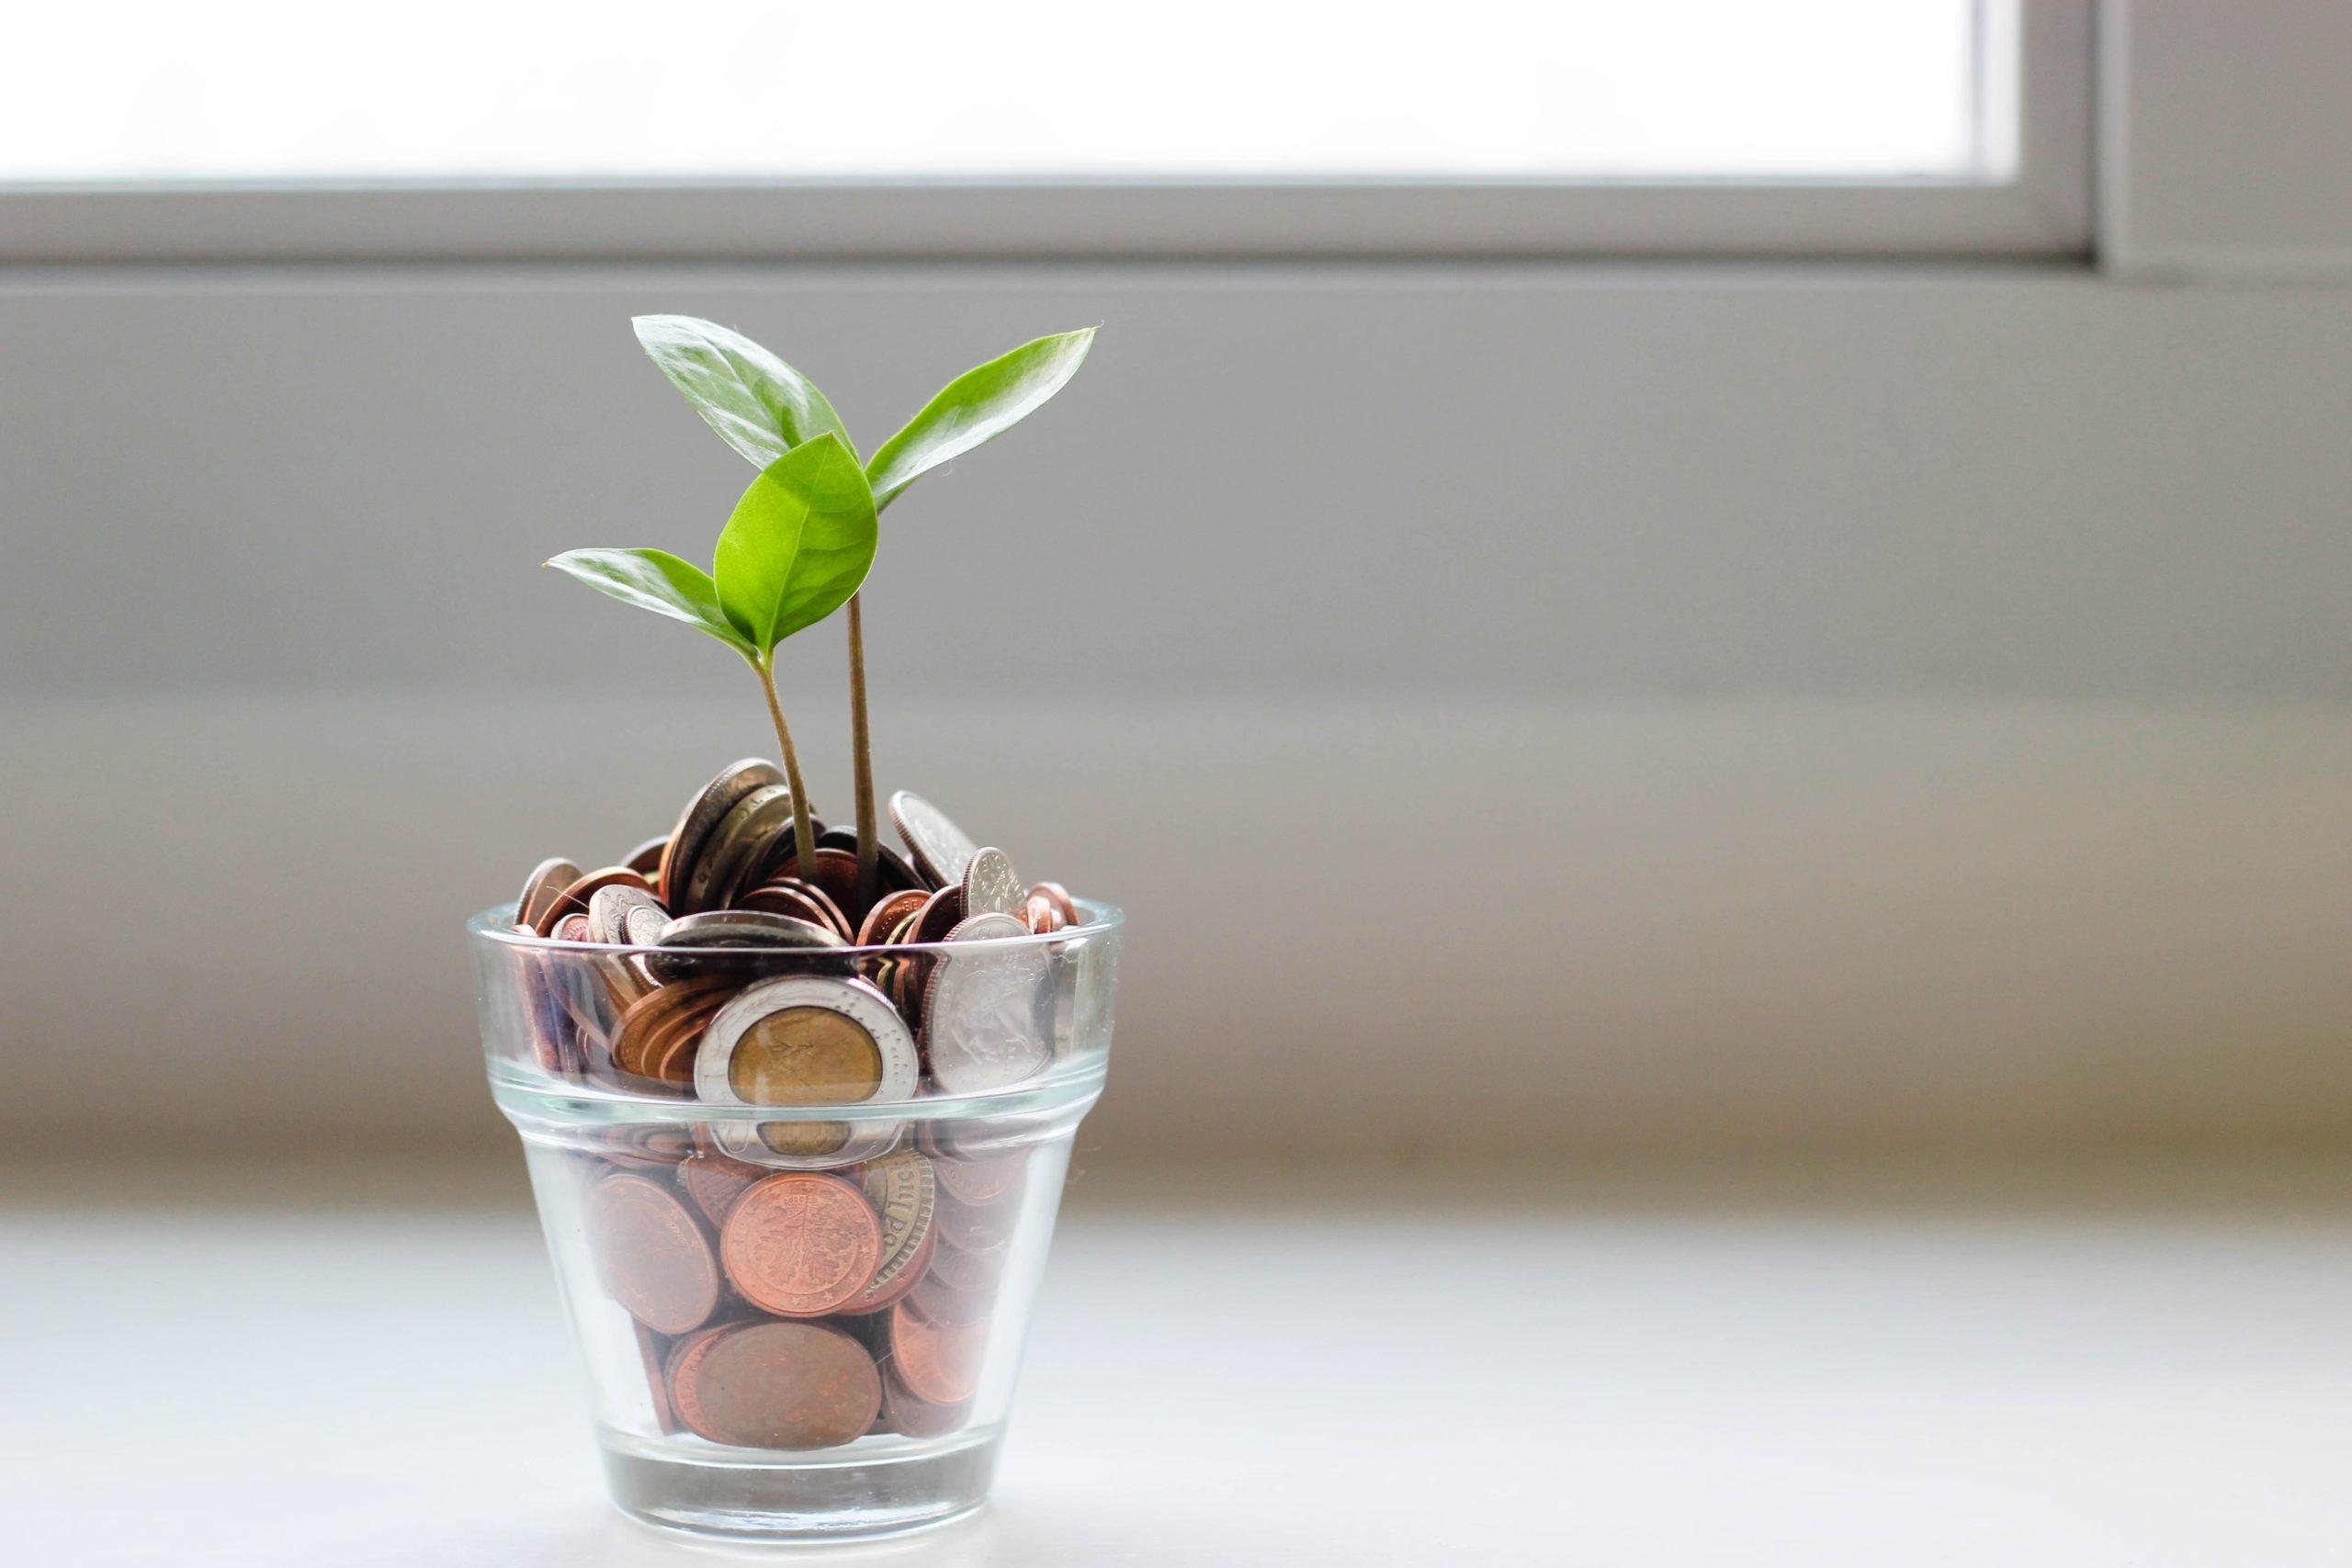 Punto de venta Prestashop: Venta internacional con Braintree